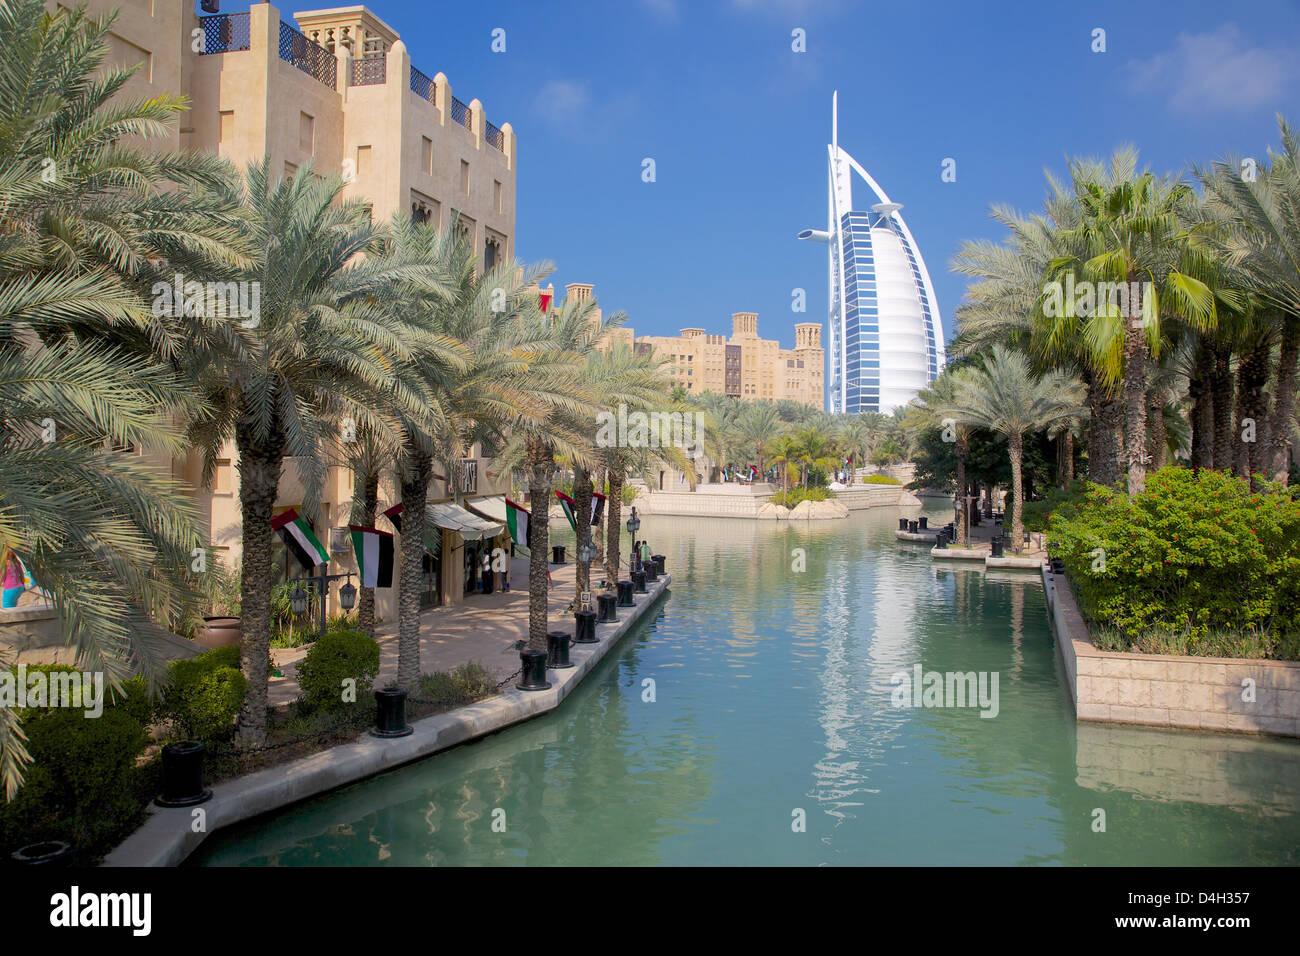 Madinat Jumeirah y el Burj Al Arab, Dubai, Emiratos Árabes Unidos, Oriente Medio Imagen De Stock